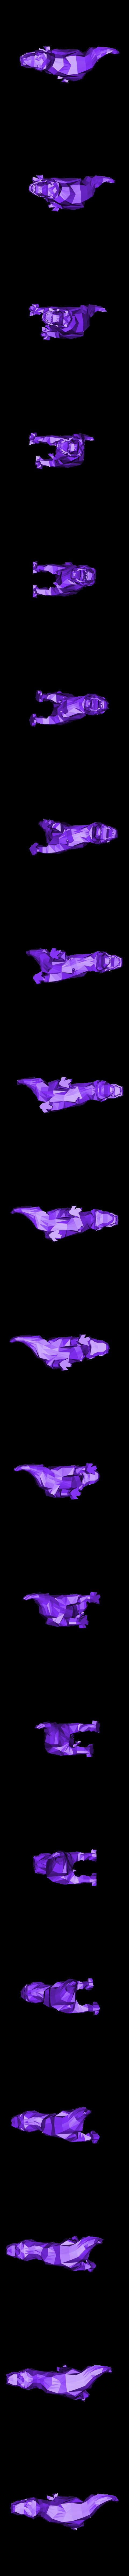 t-rex2.stl Download STL file Low-poly t-rex • 3D printer template, WONGLK519